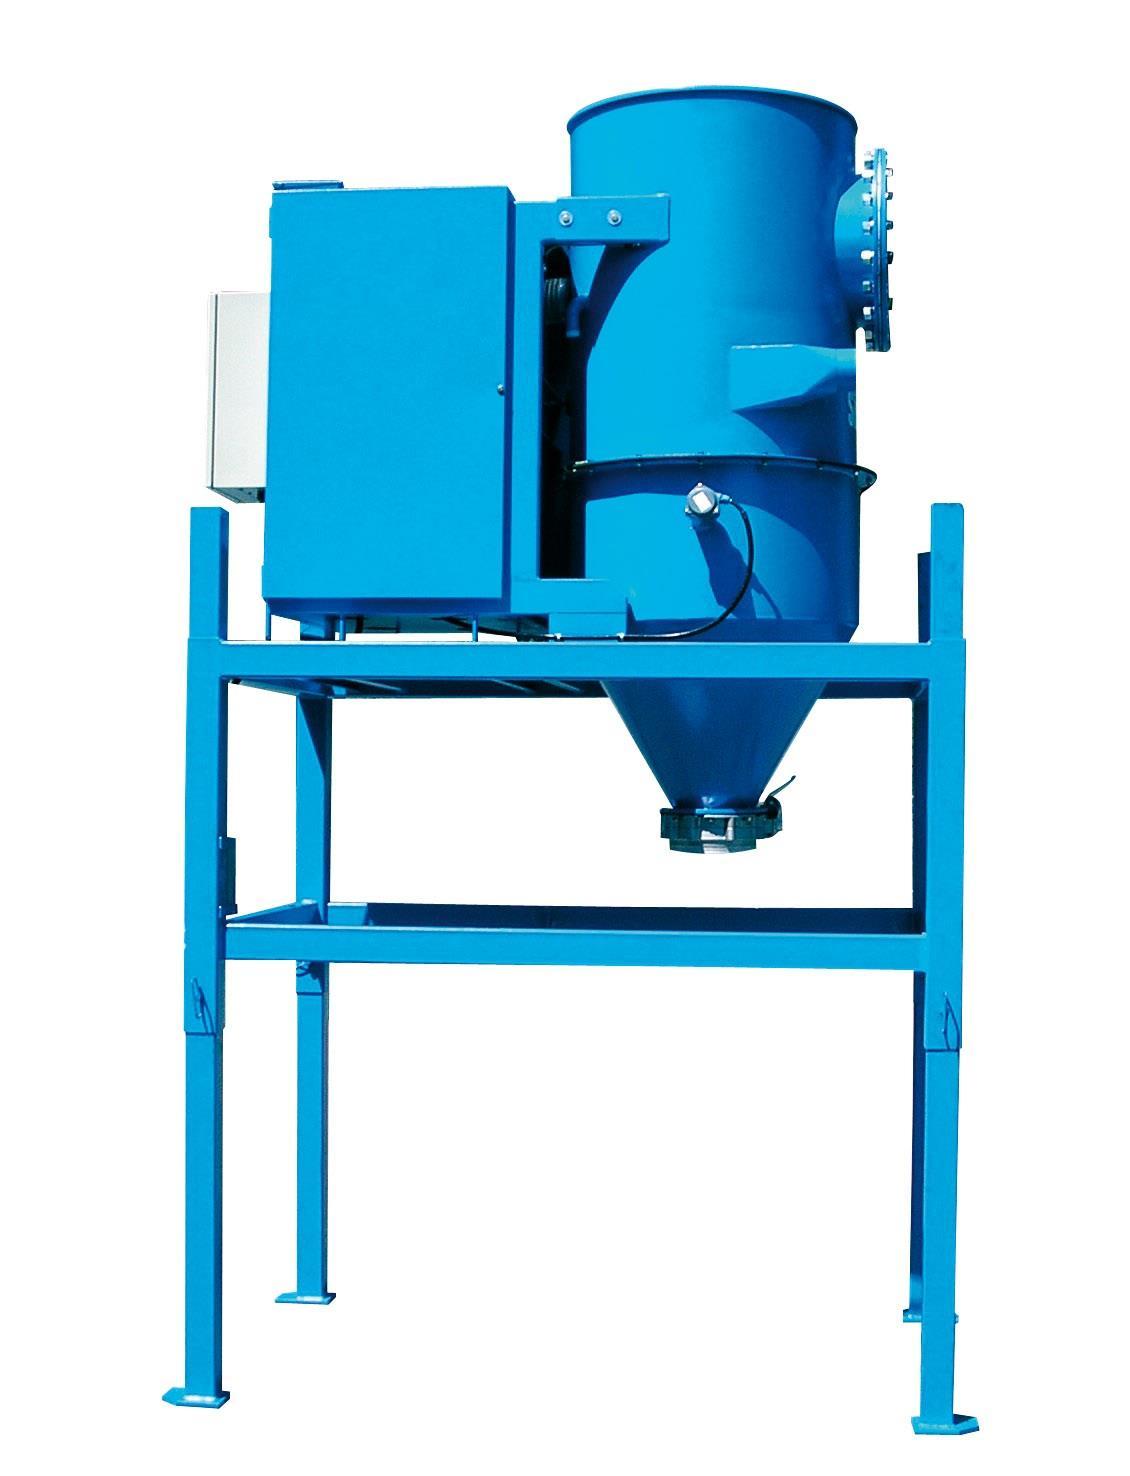 SB YVF100 Kendinden Hazneli Ağır Sanayi Vakum Makinaları